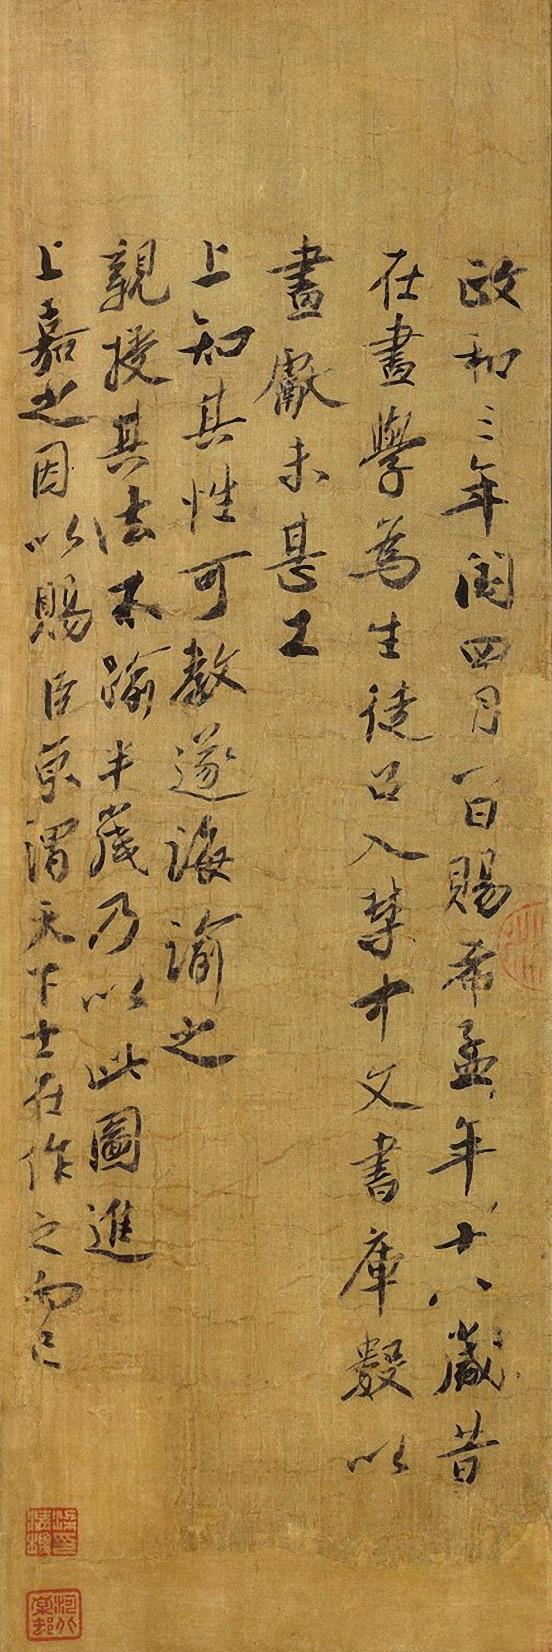 读书首发桑农:千里江山图中的历史密码